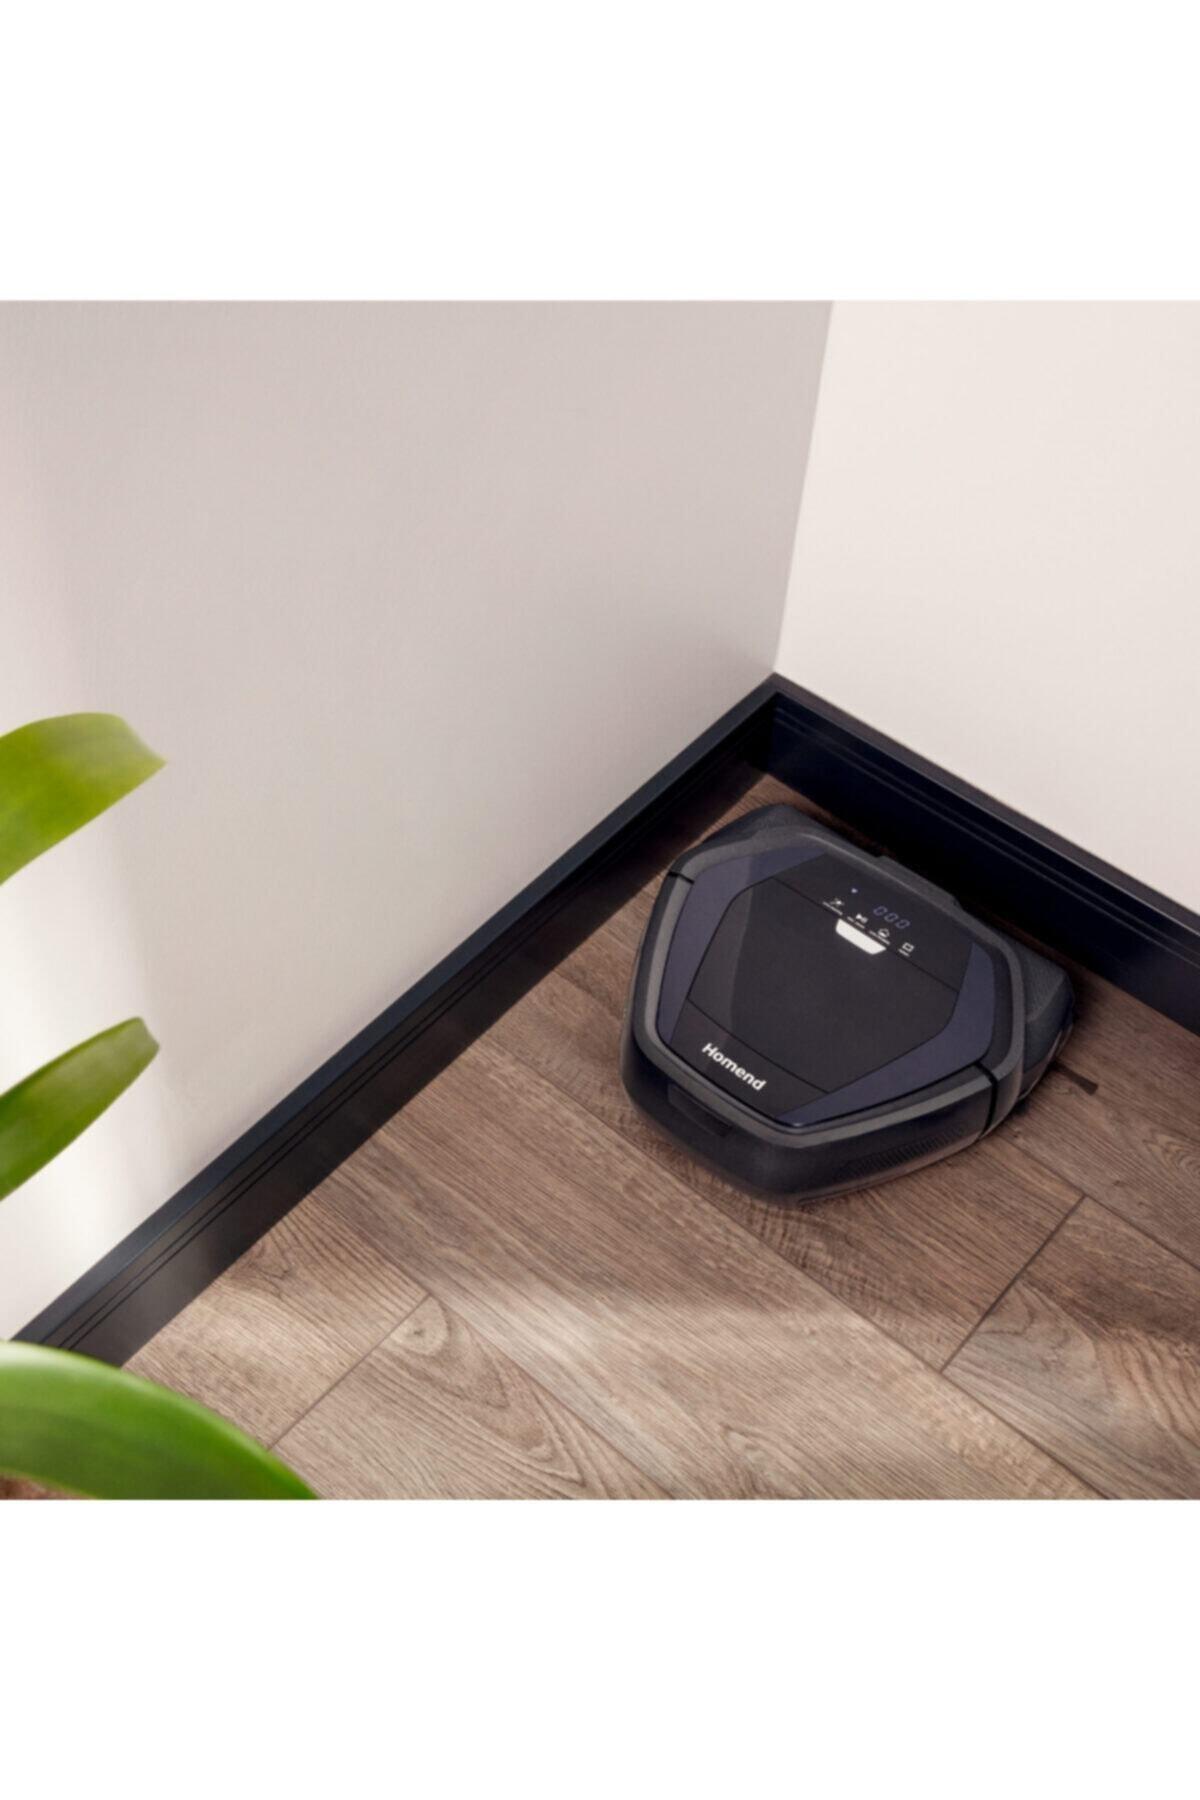 HOMEND Alex Pro 1290h Kameralı Akıllı Robot Süpürge Fiyatı, Yorumları -  Trendyol